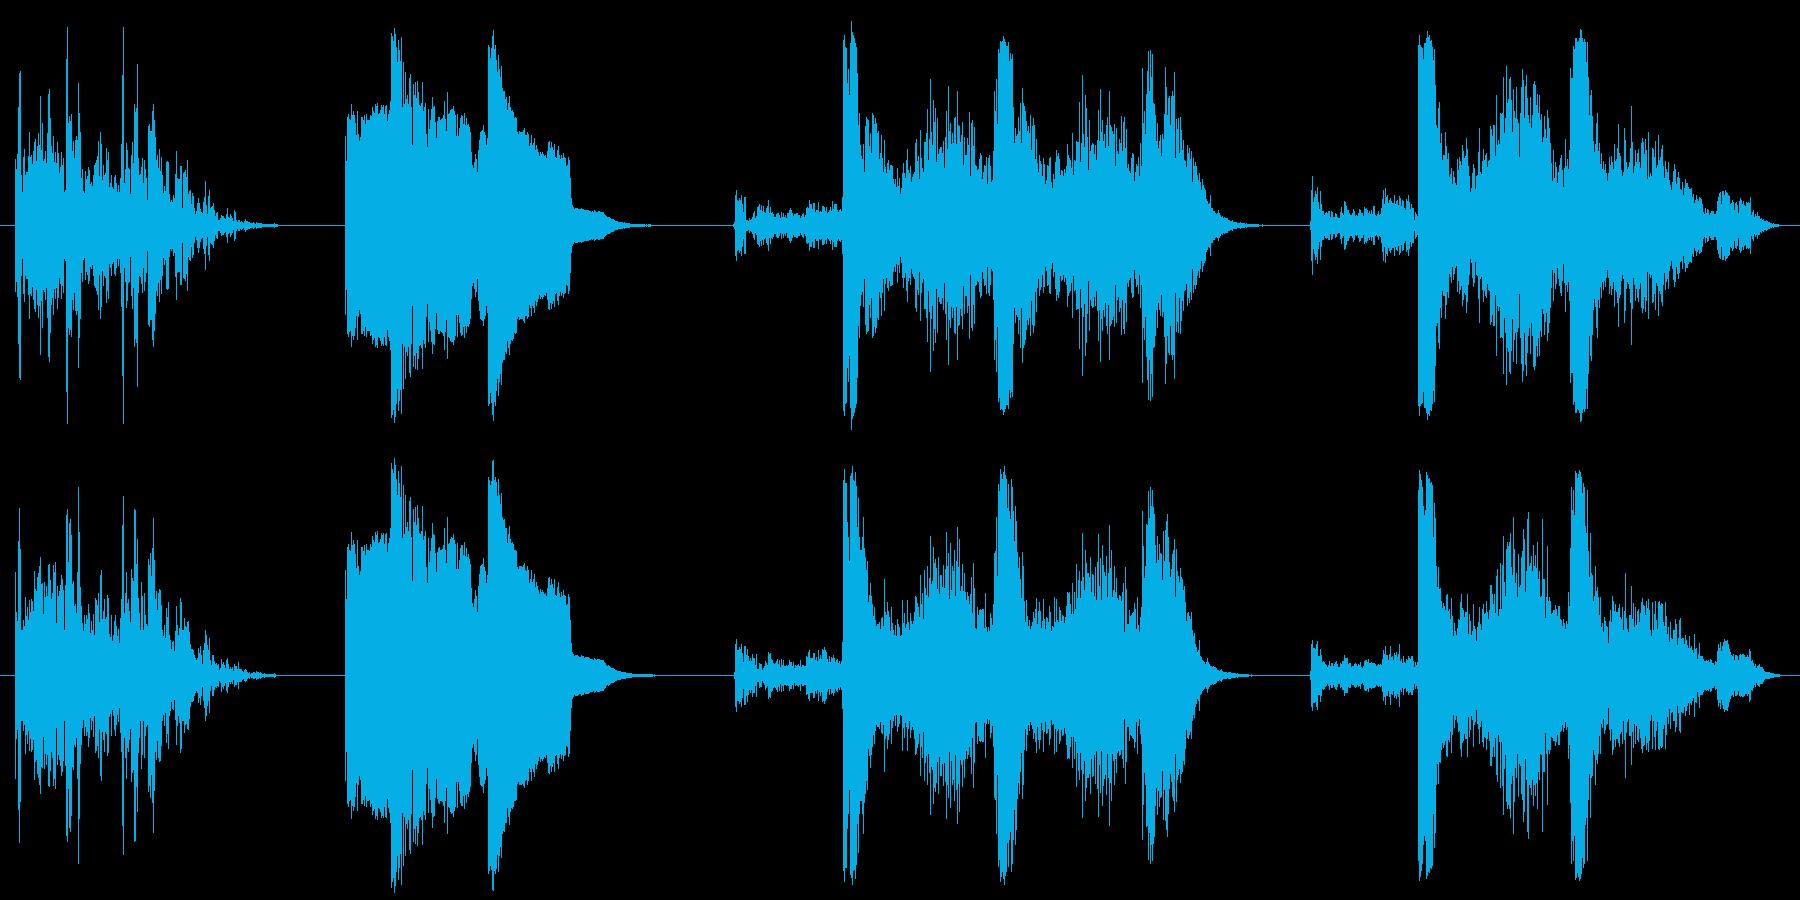 漫画、サンダー、4バージョン。 D...の再生済みの波形